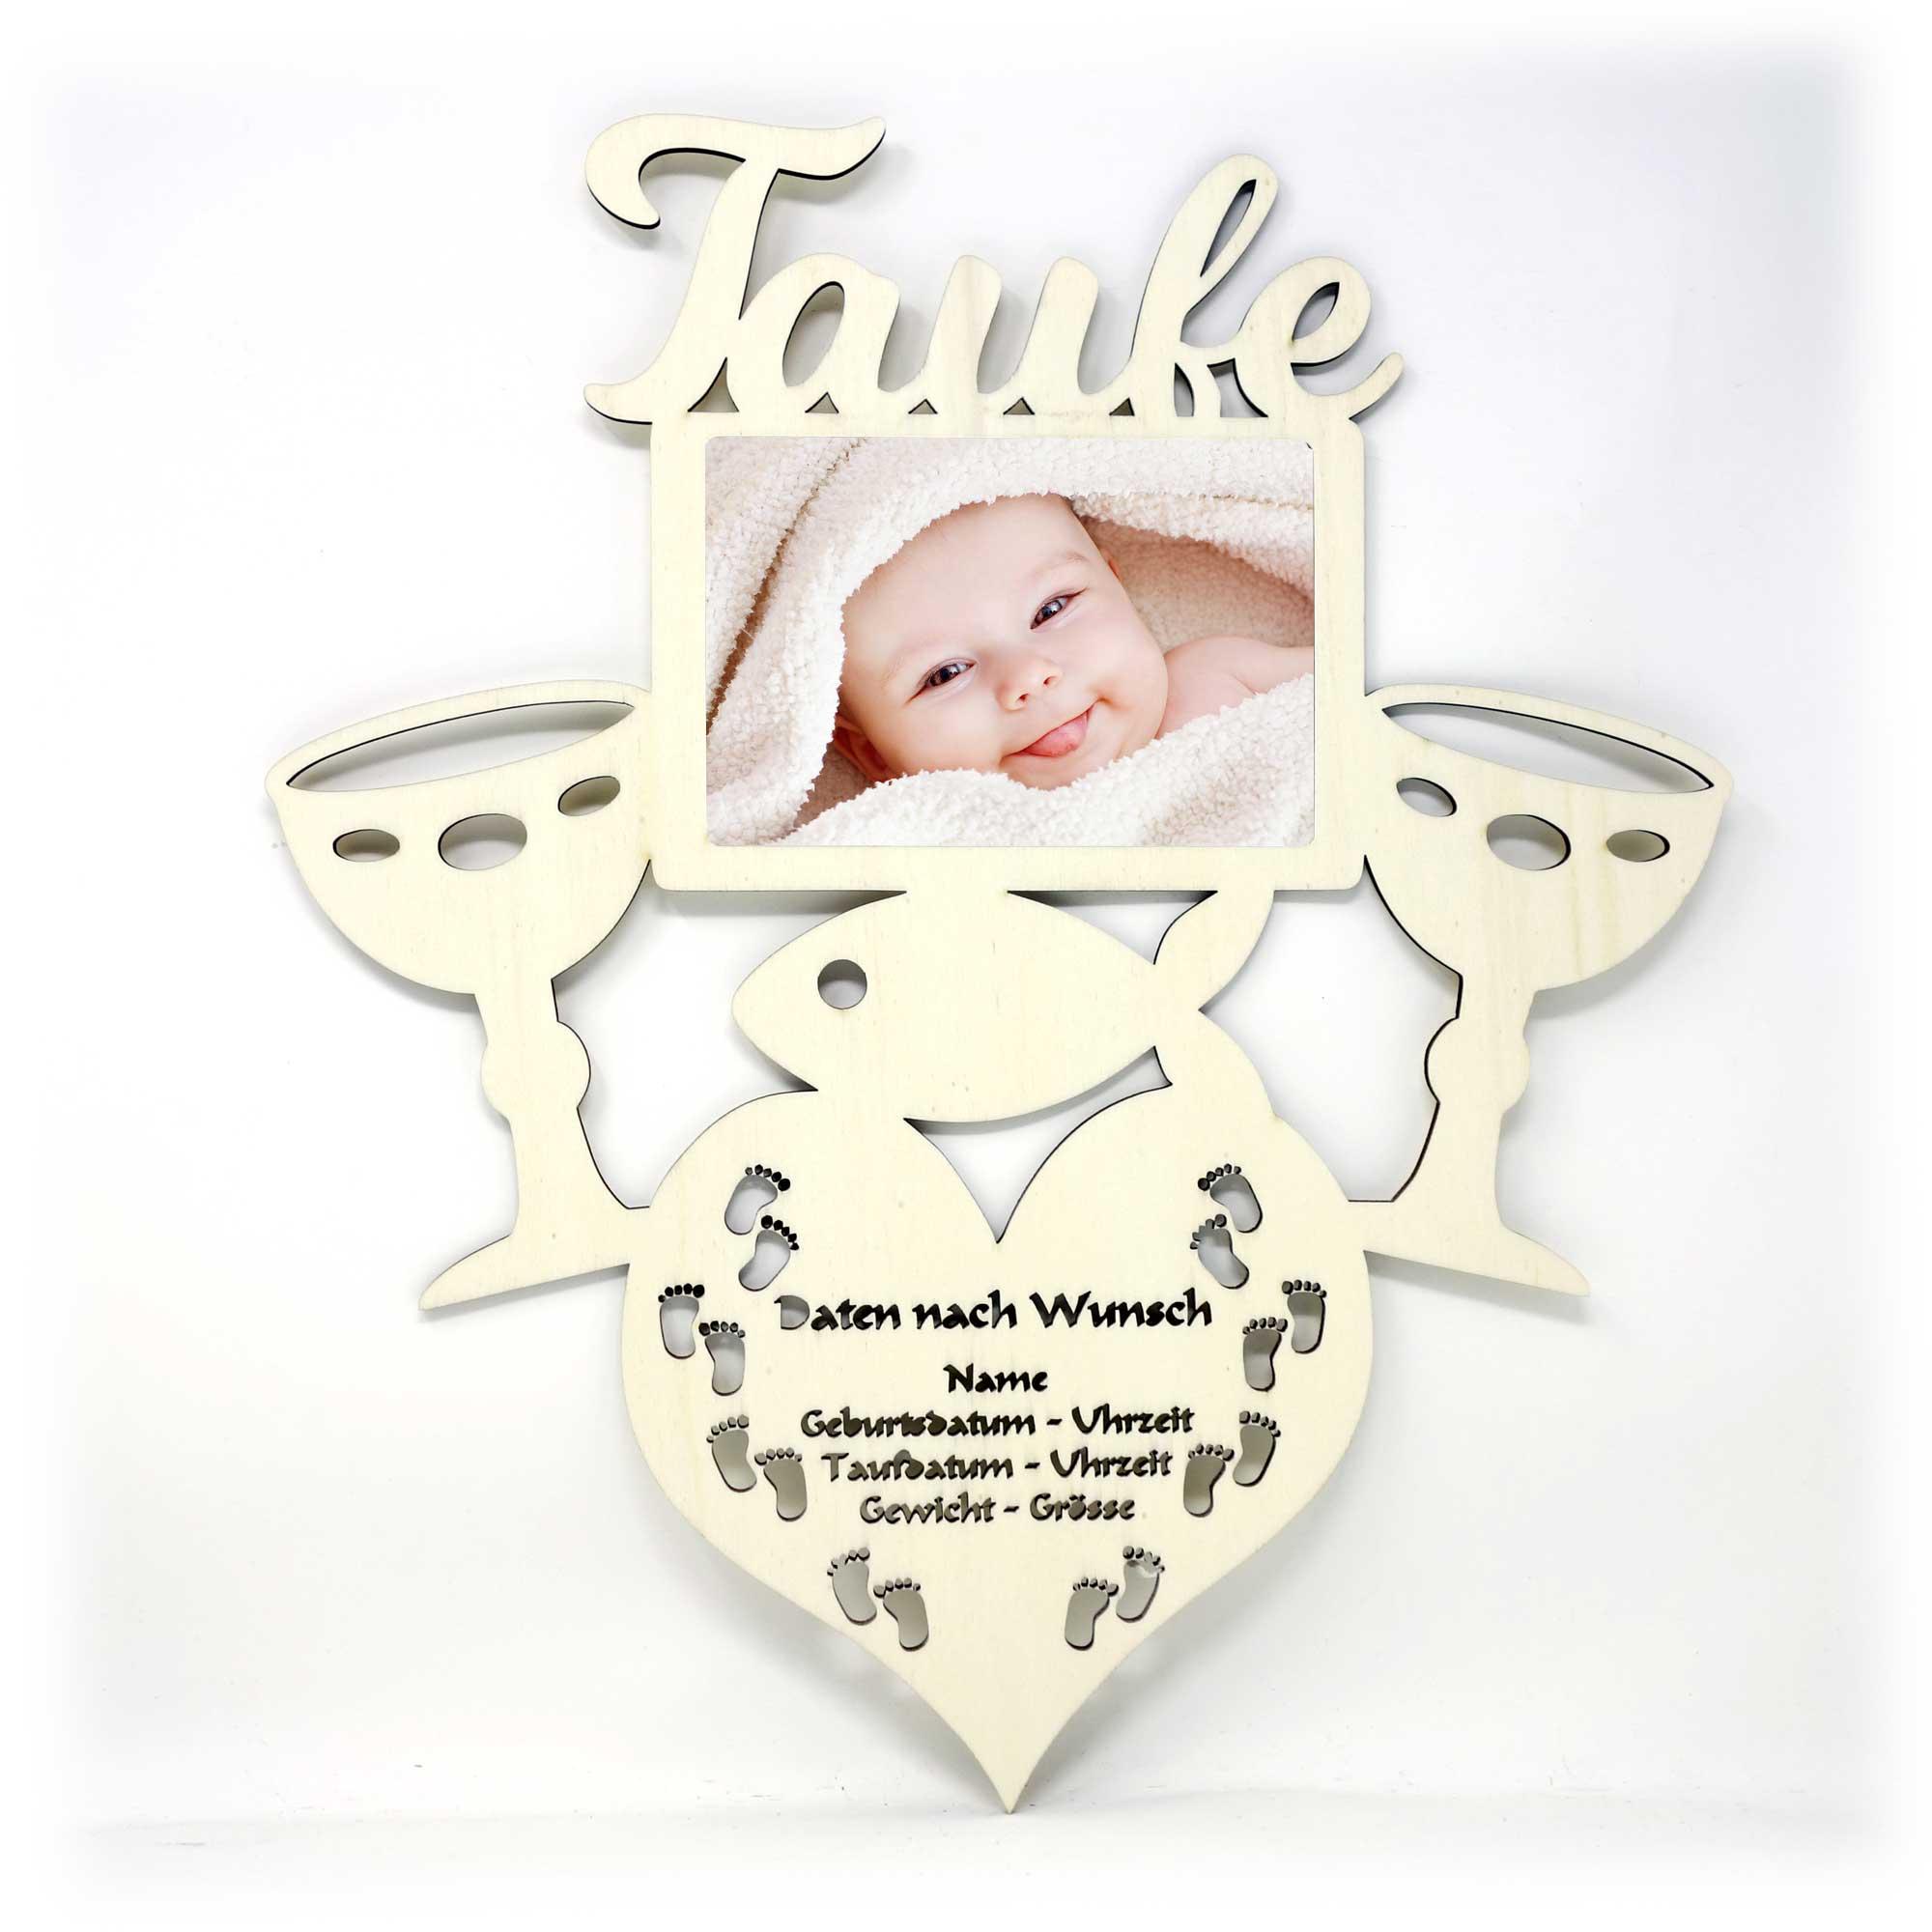 Taufkelch Baby Bilderrahmen Individuell Mit Namen Personalisiert